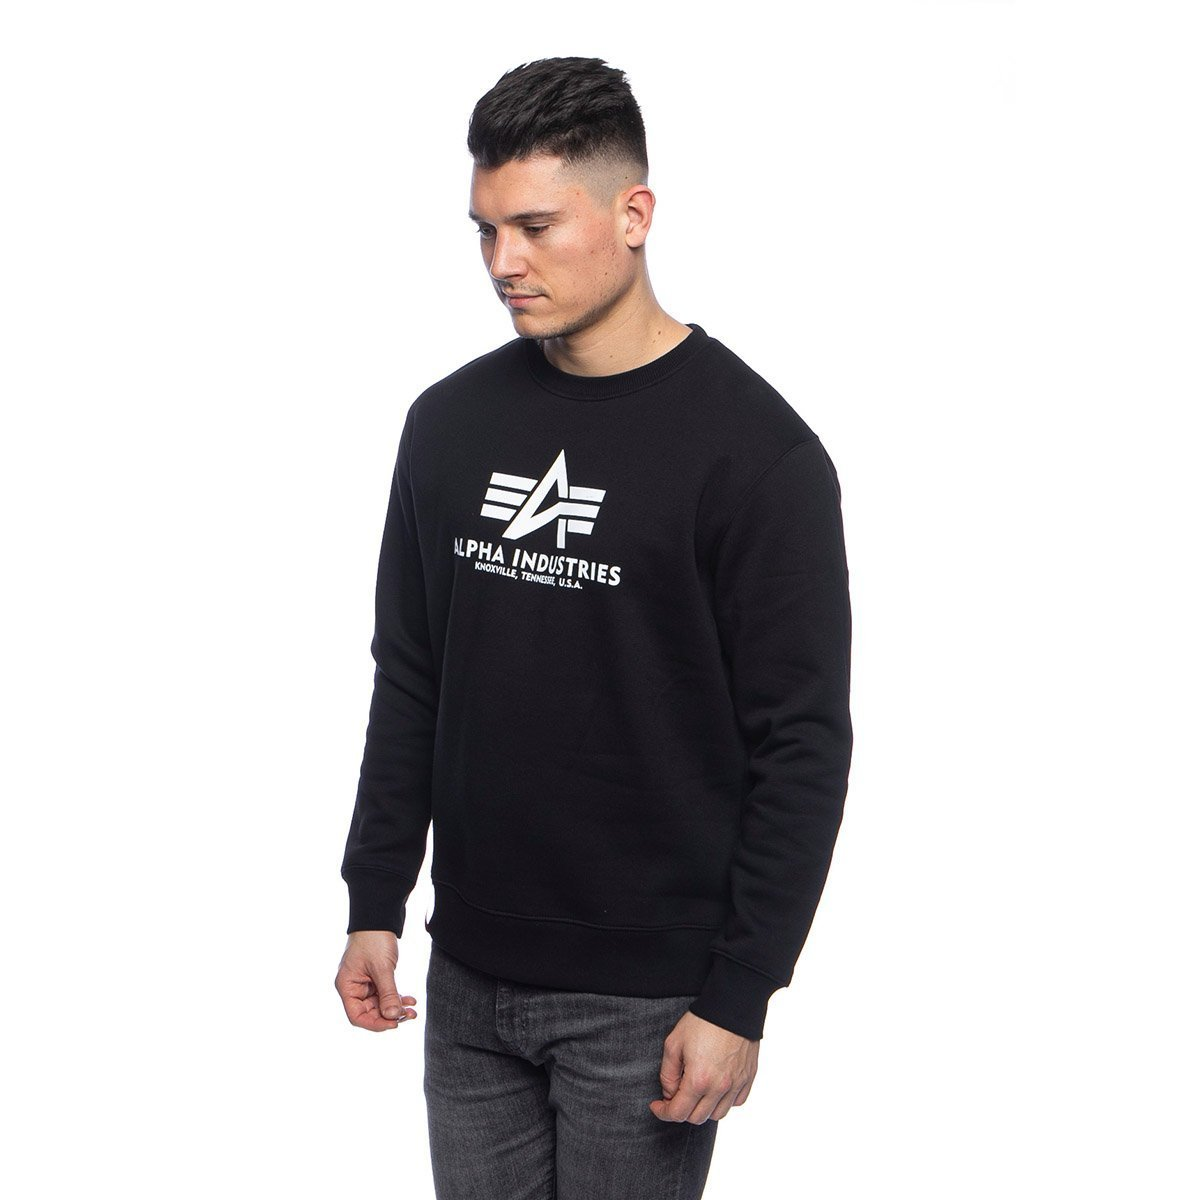 Alpha Industries Kinder Basic Sweater schwarz